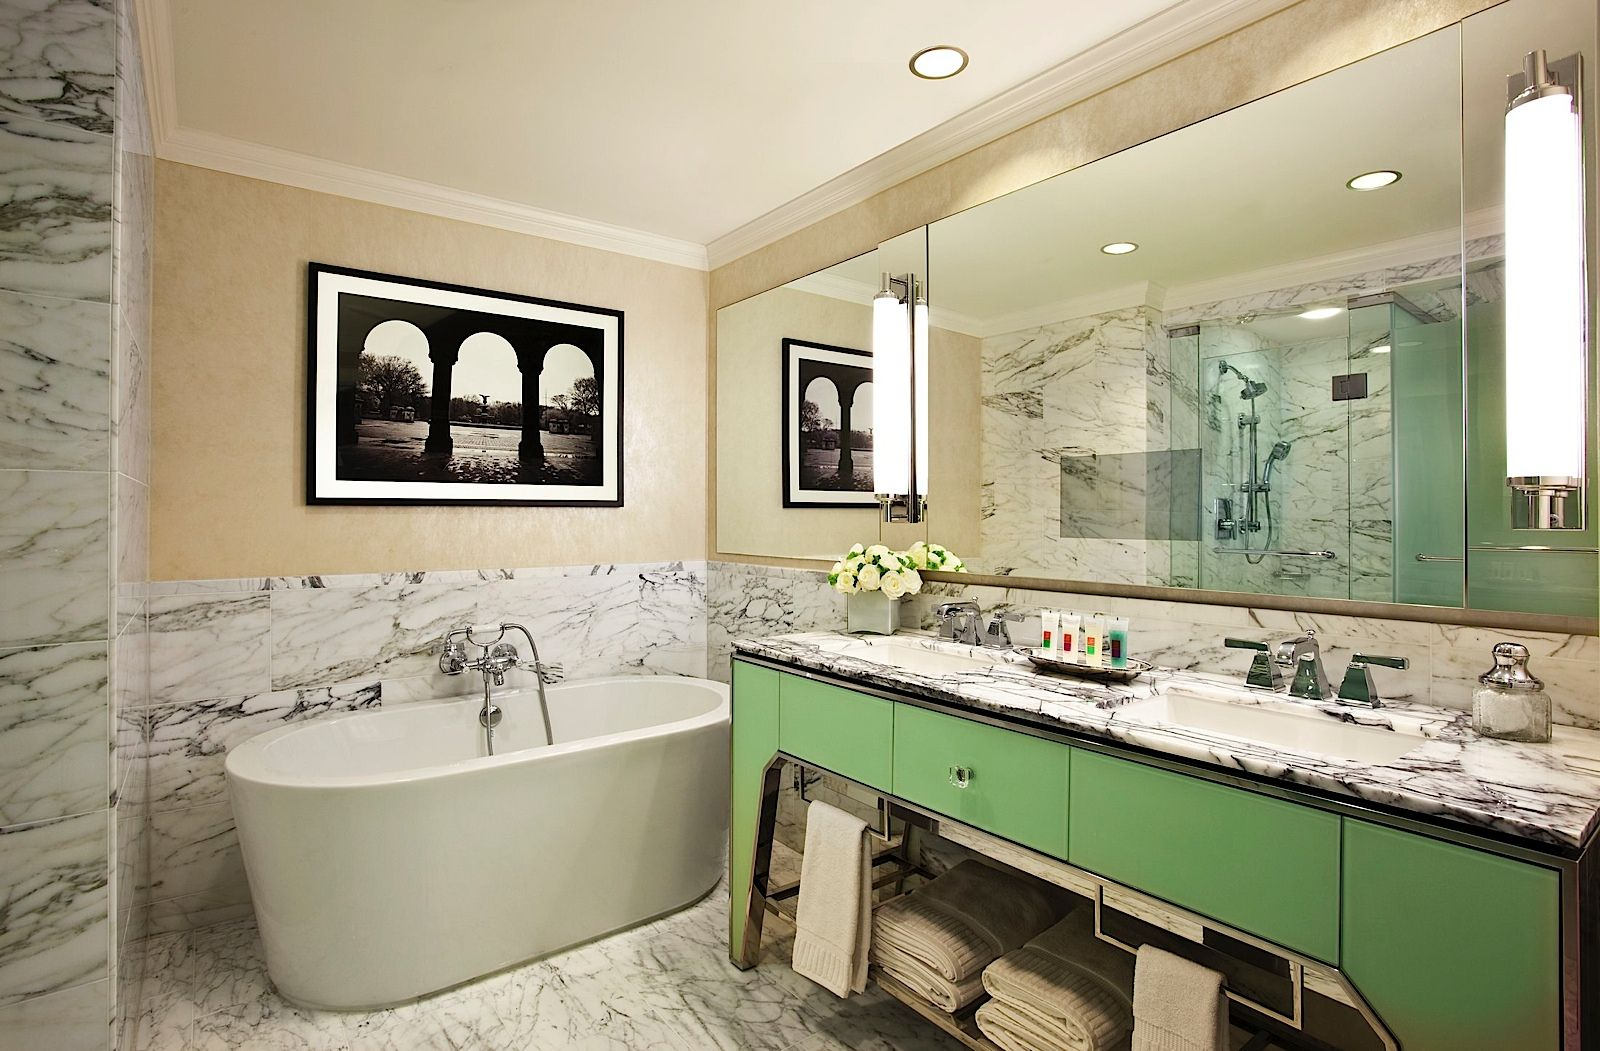 new bathroom images%0A New York u    s Loews Regency Hotel two bedroom suites